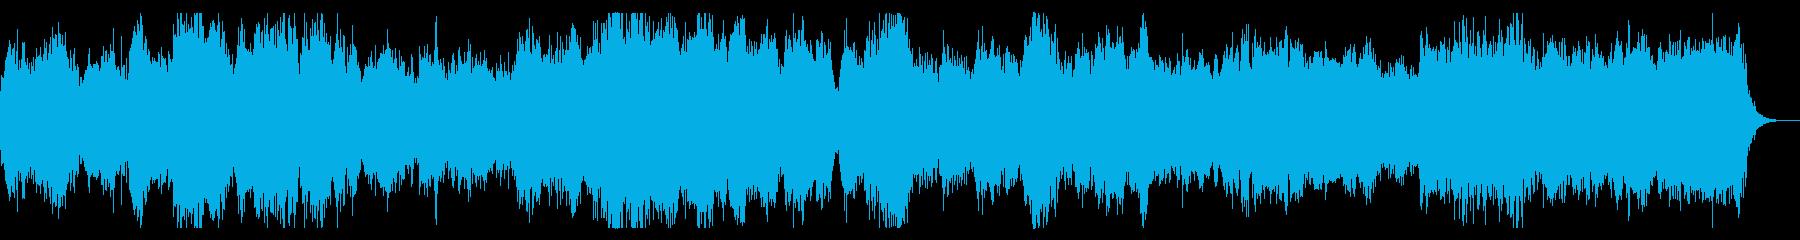 ダークファンタジー系 合唱とオーケストラの再生済みの波形